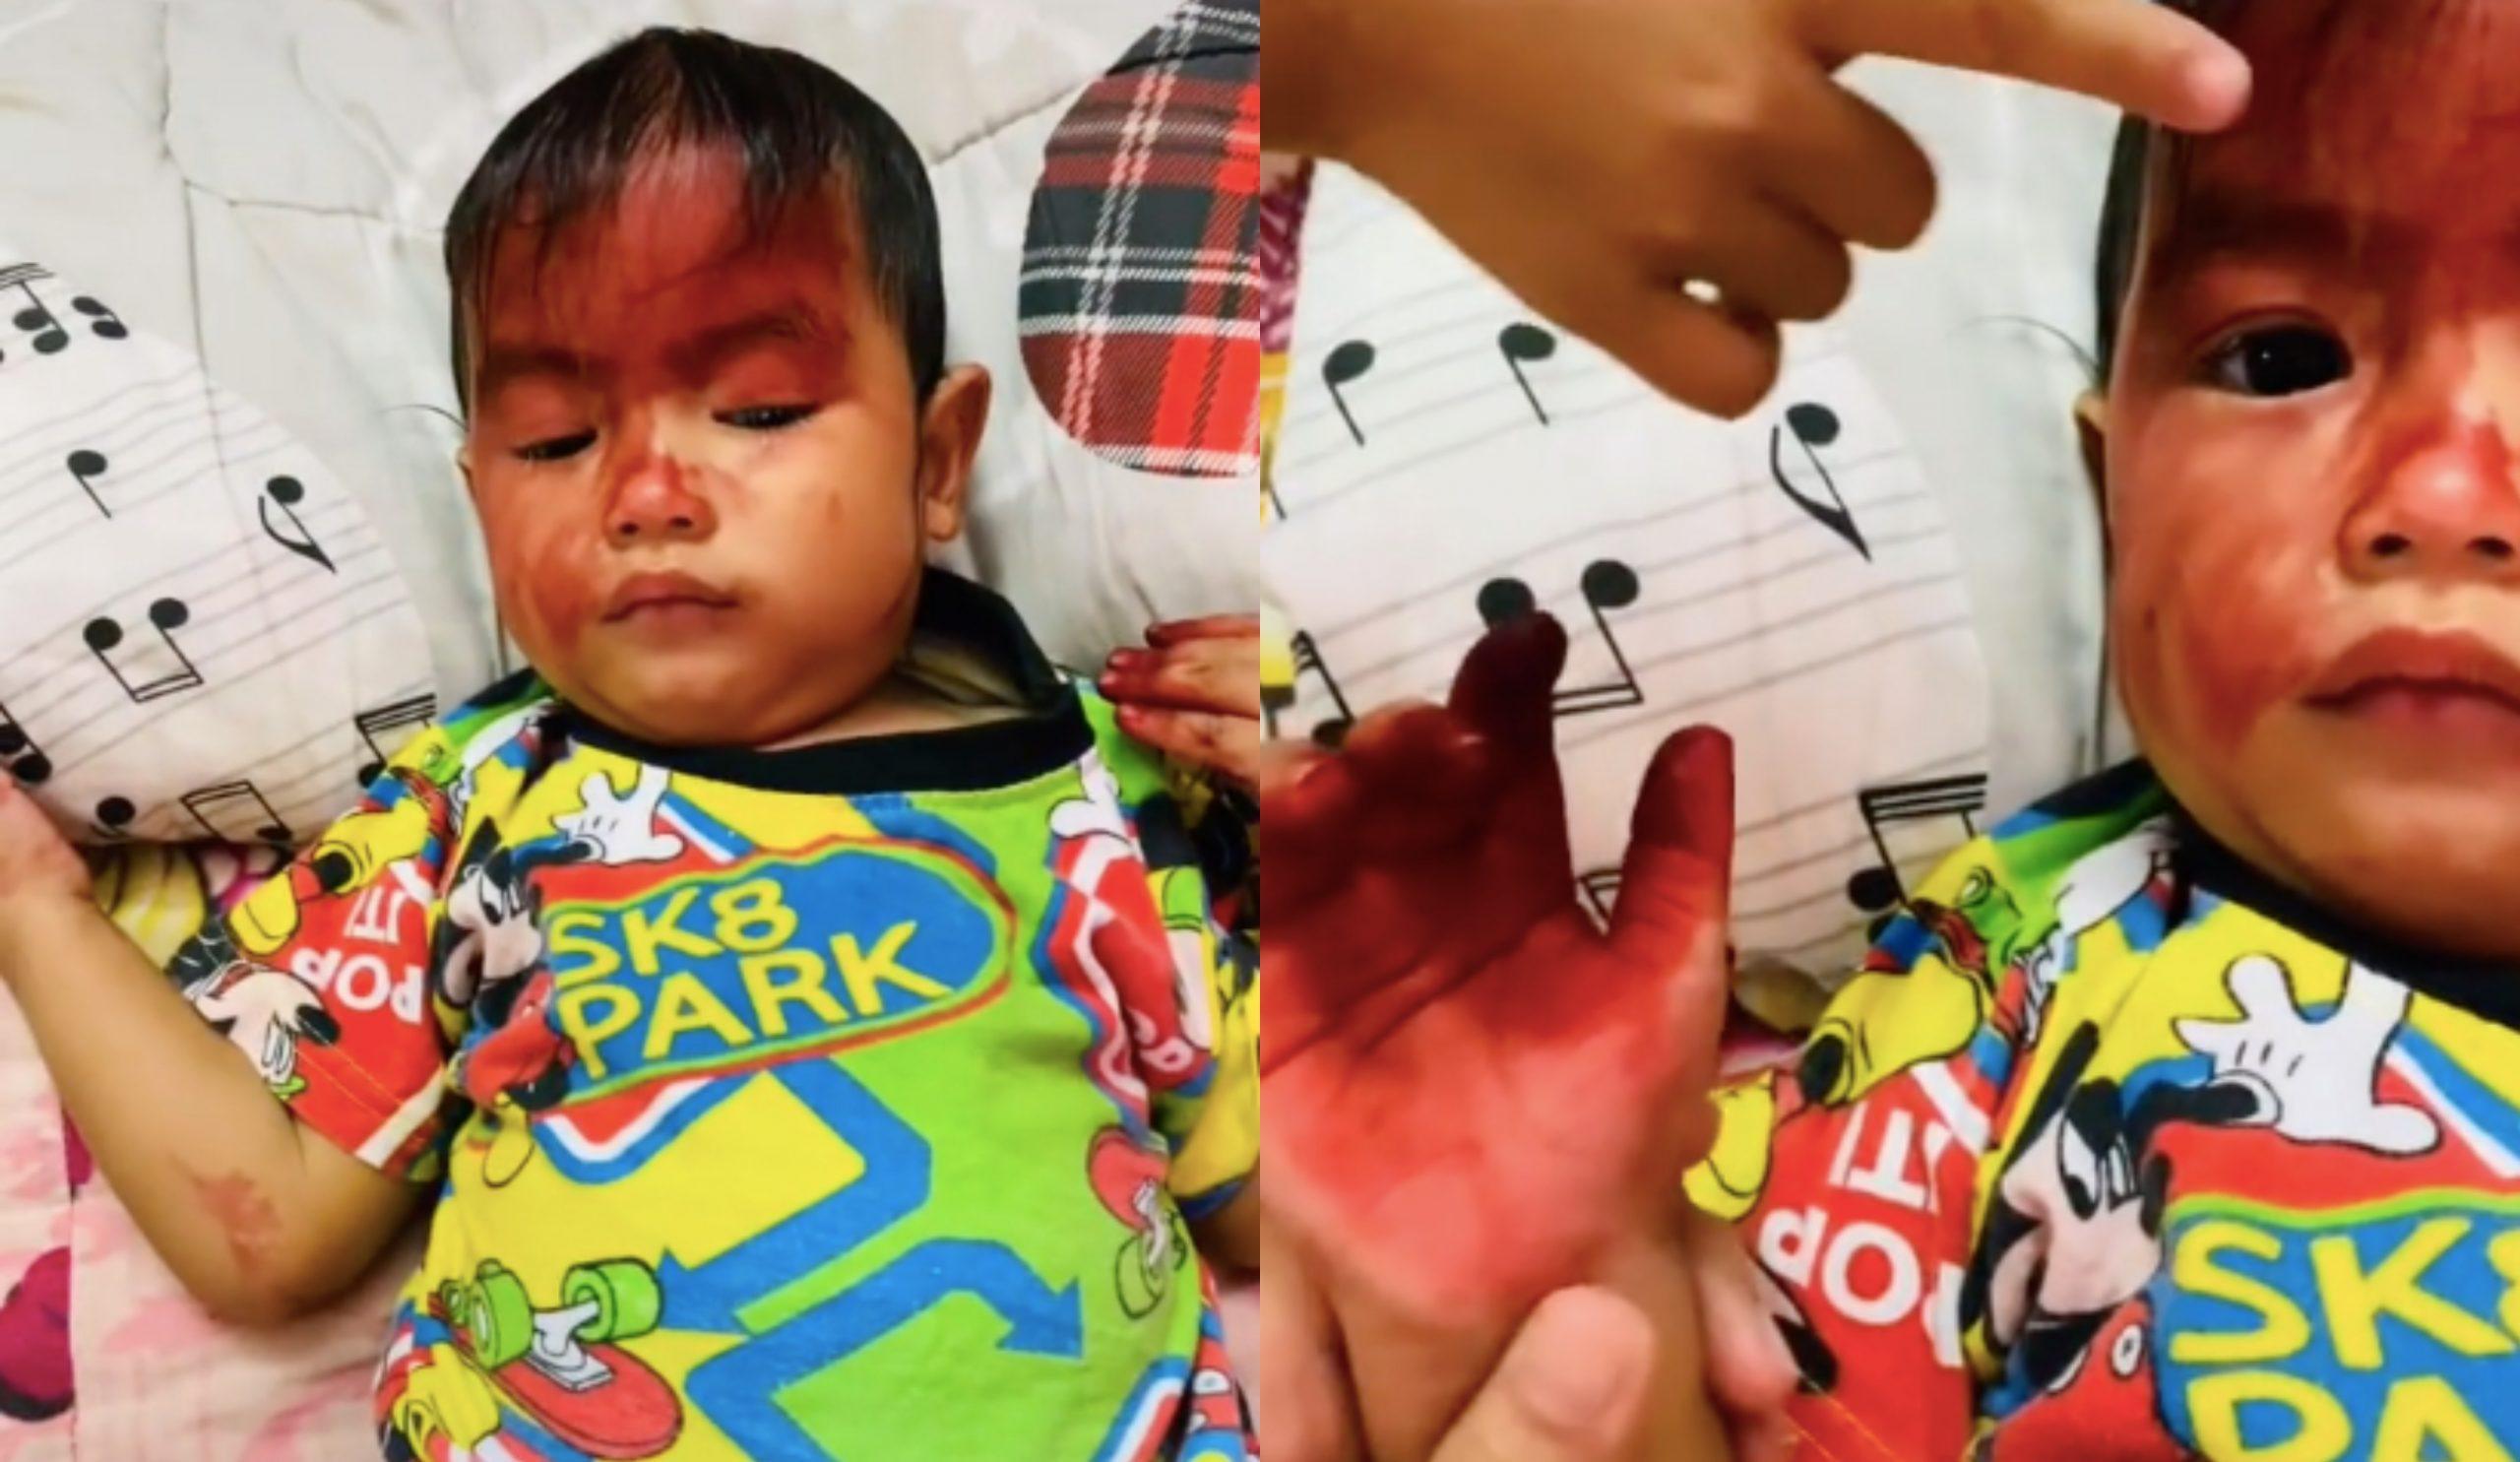 [VIDEO] Netizen Terhibur Kanak-Kanak Main Inai Celup Kakak, Habis Satu Muka – 'Berapa Lama Boleh Hilang Tu?' 4